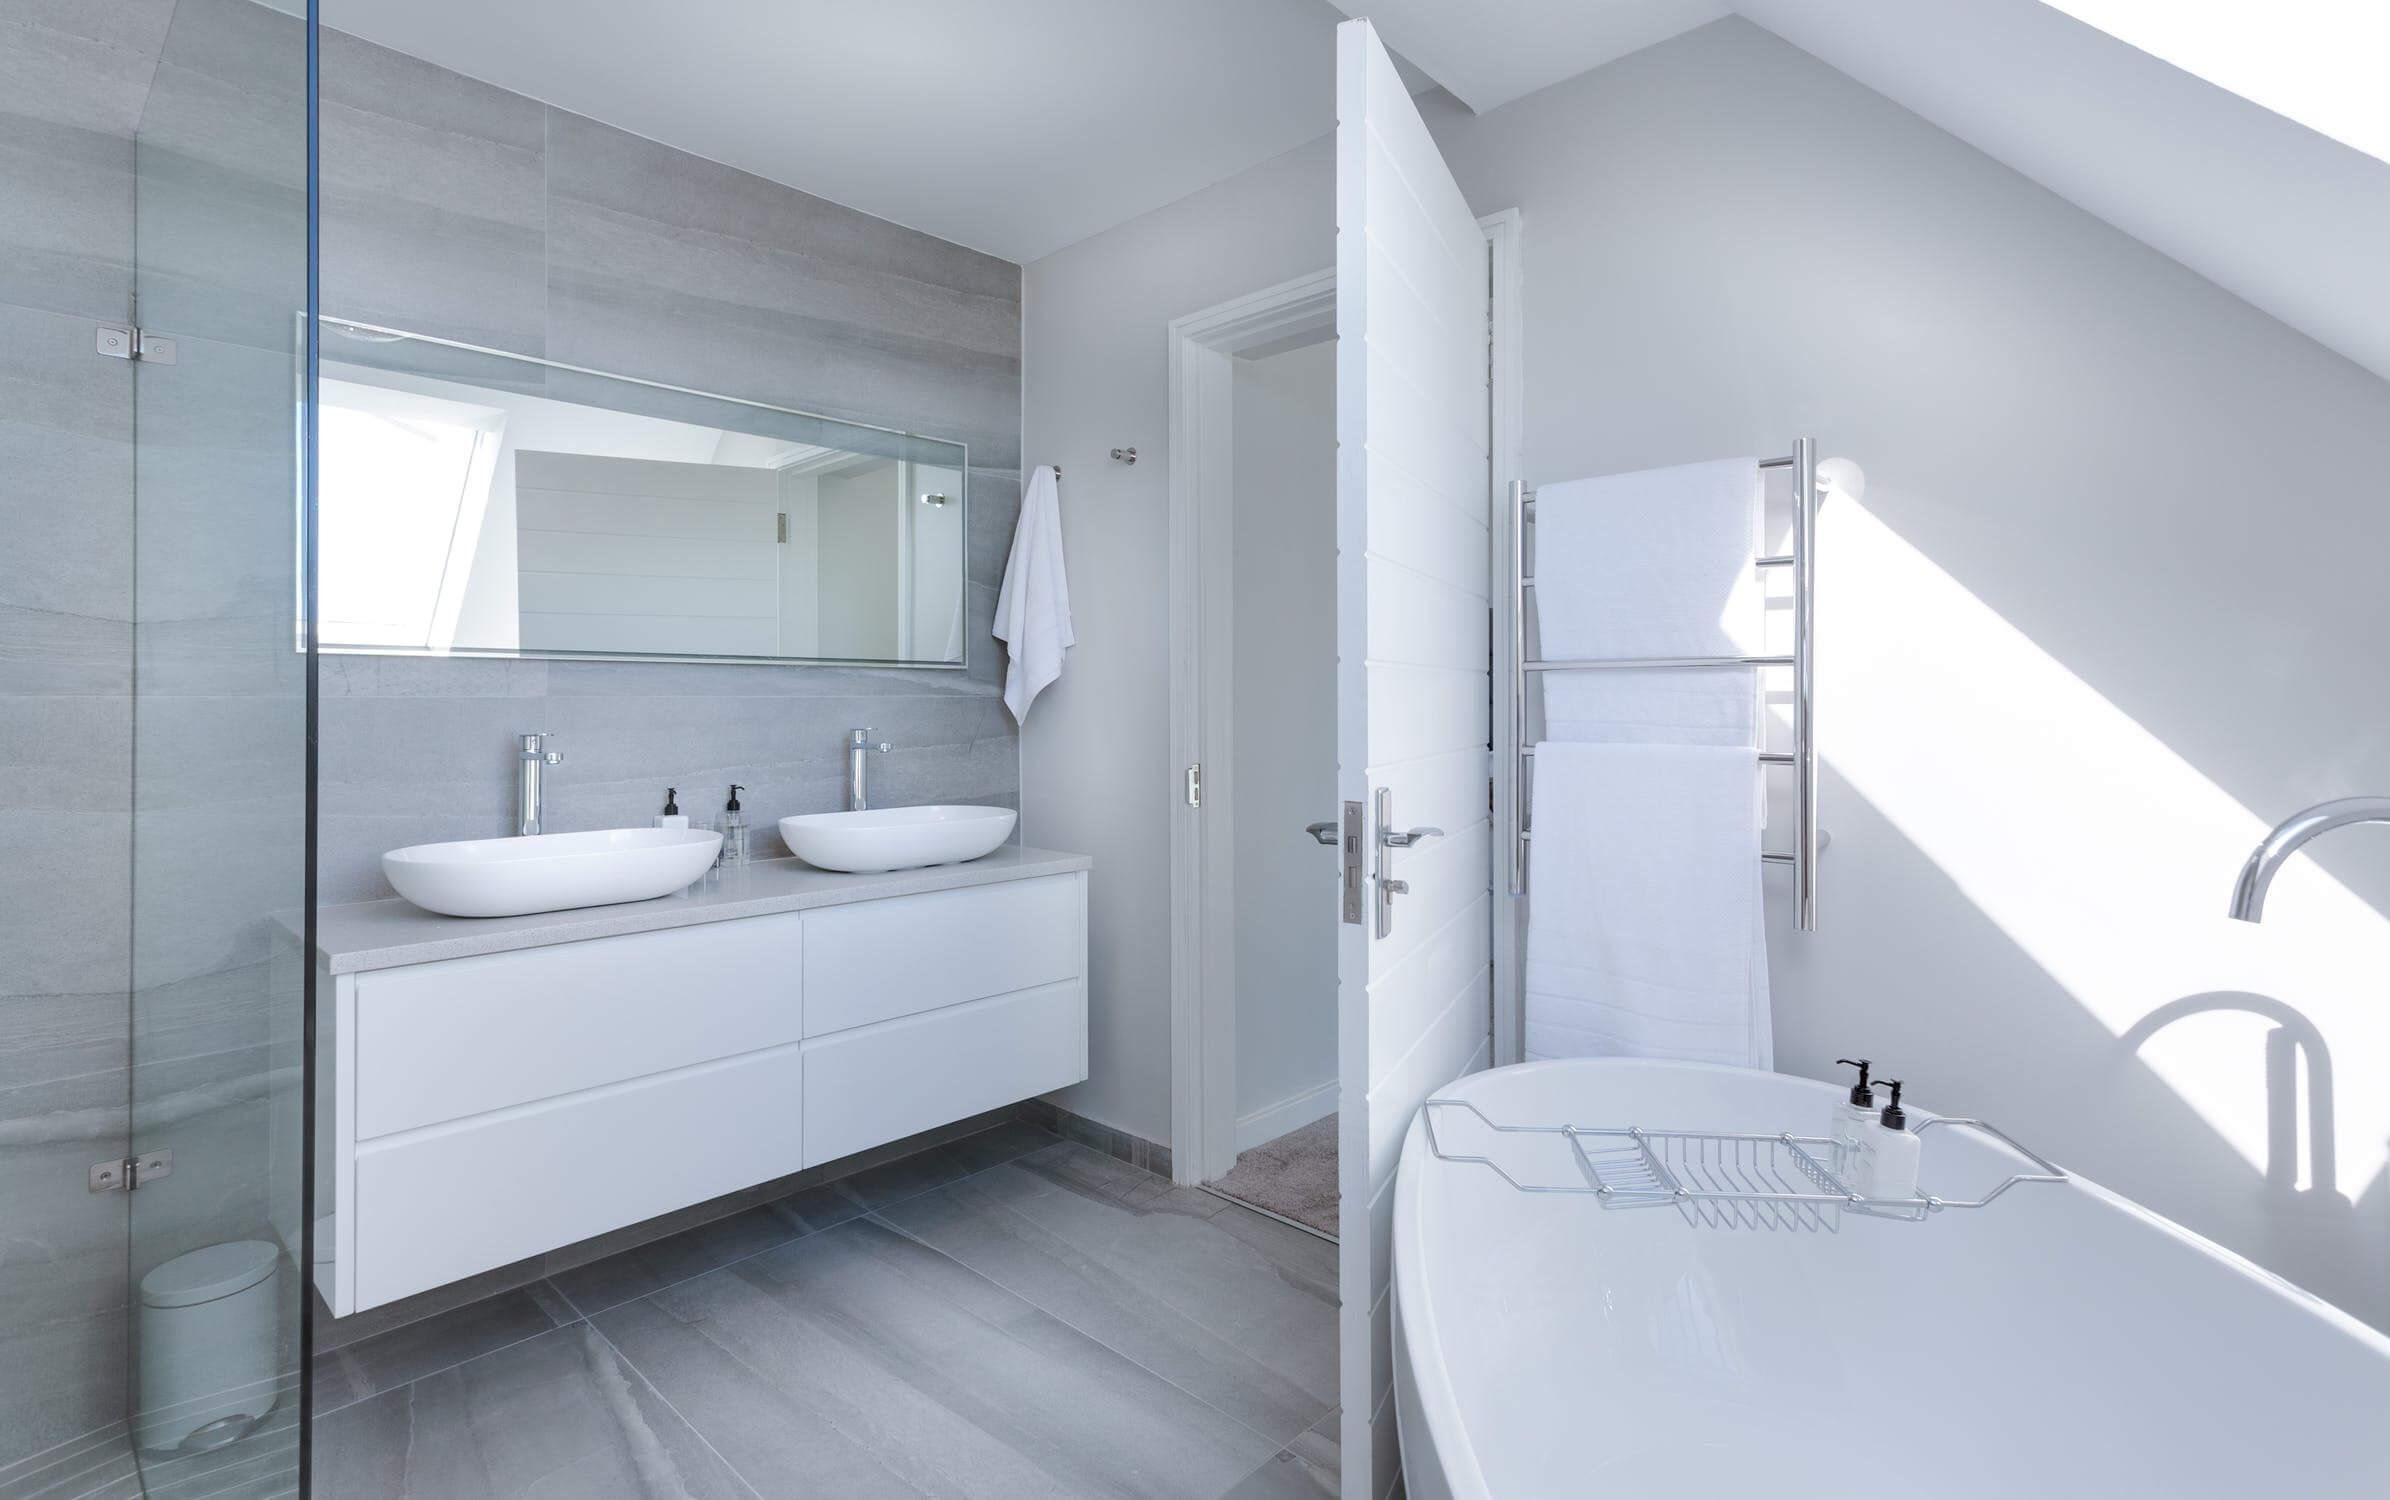 Правила уборки в ванной комнате_6